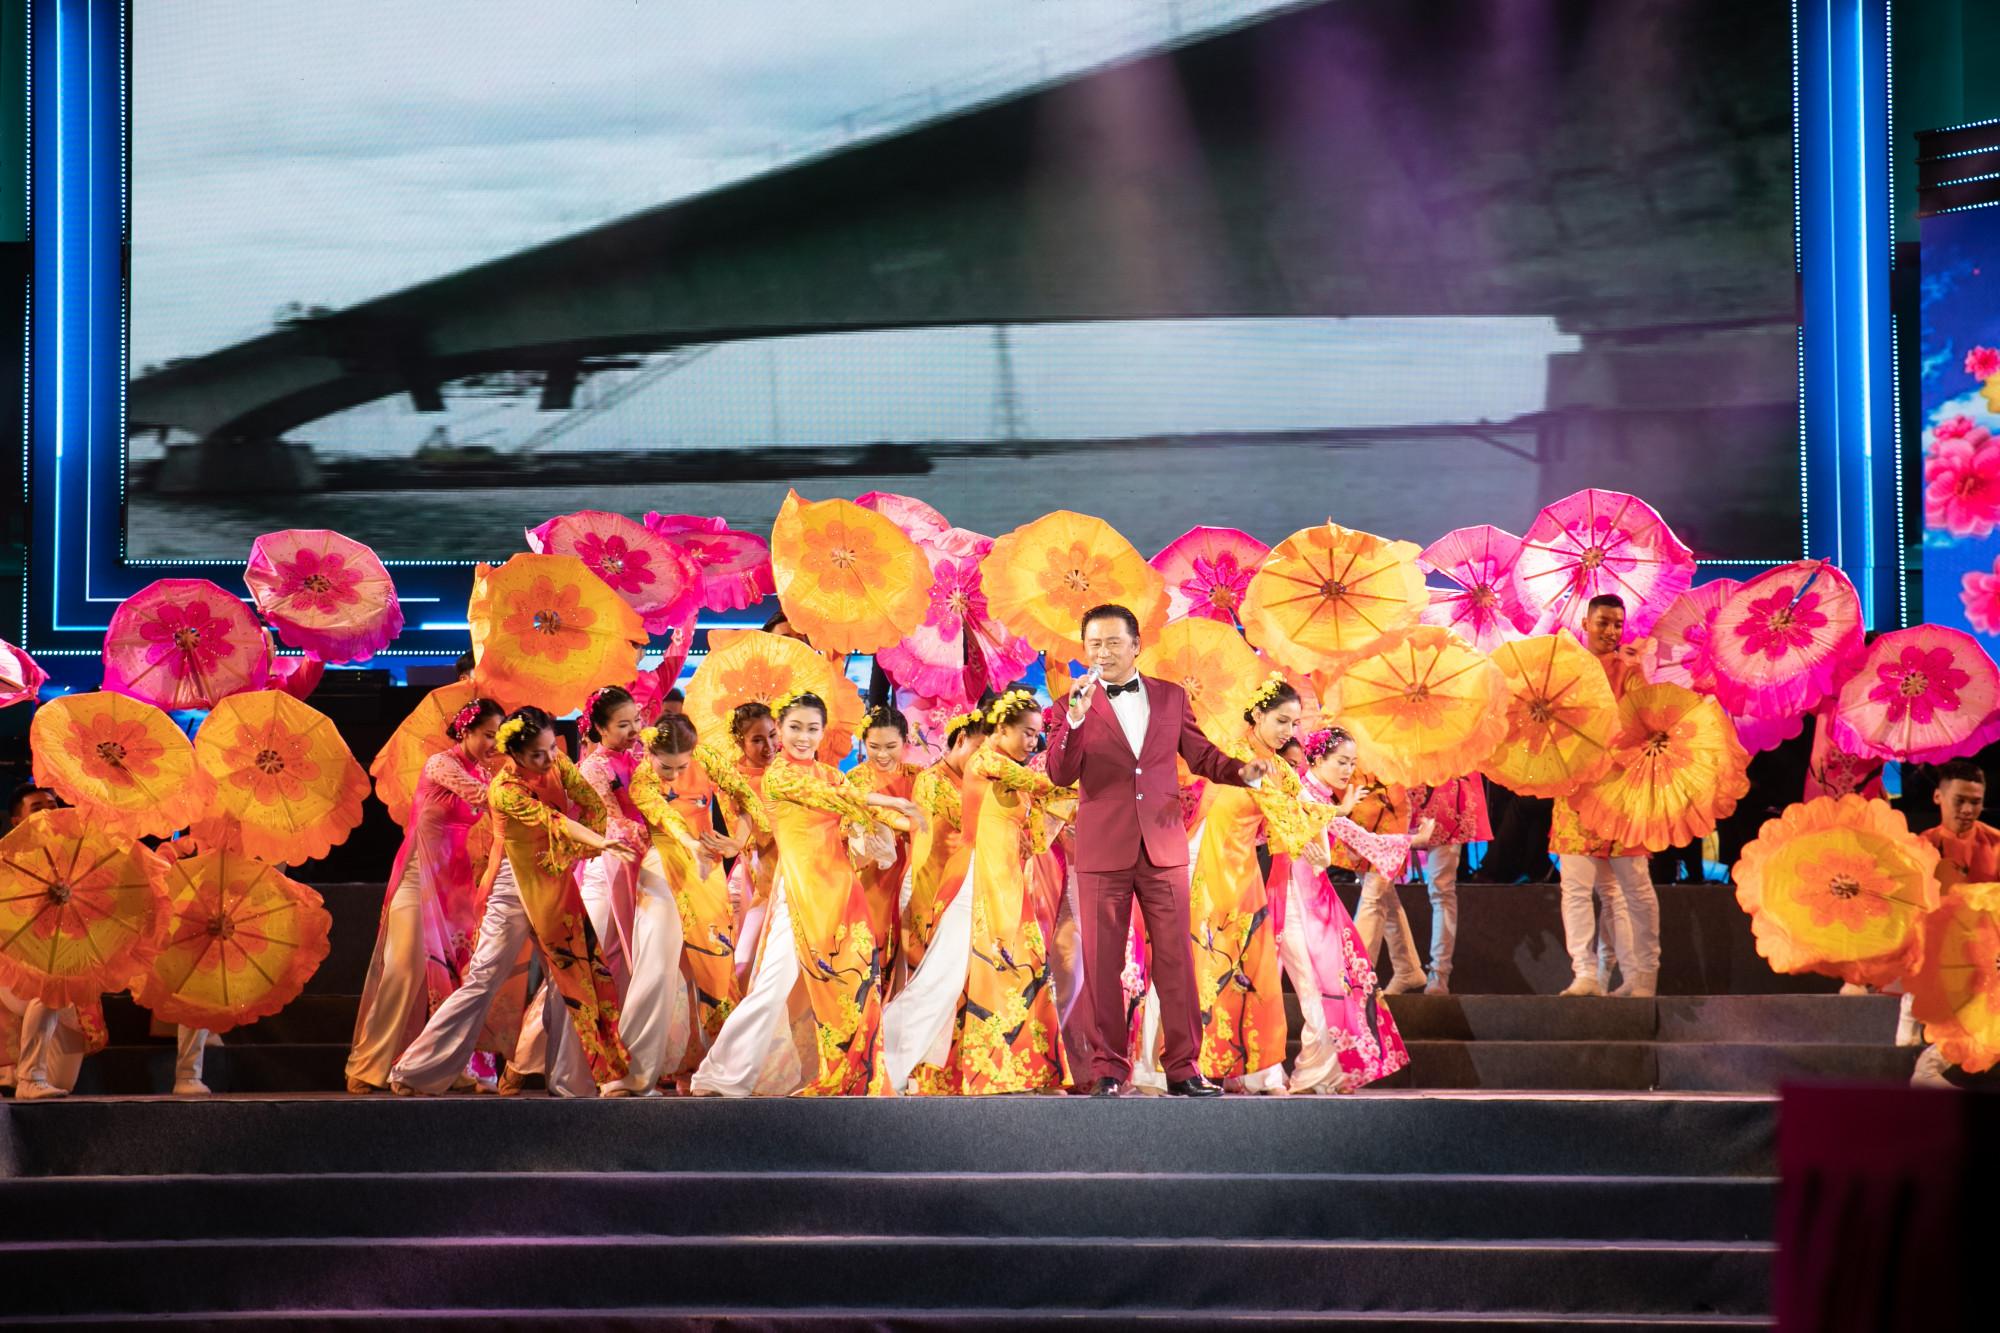 NSND Tạ Minh Tâm tham gia nhiều chương trình nghệ thuật dịp tết Canh Tý